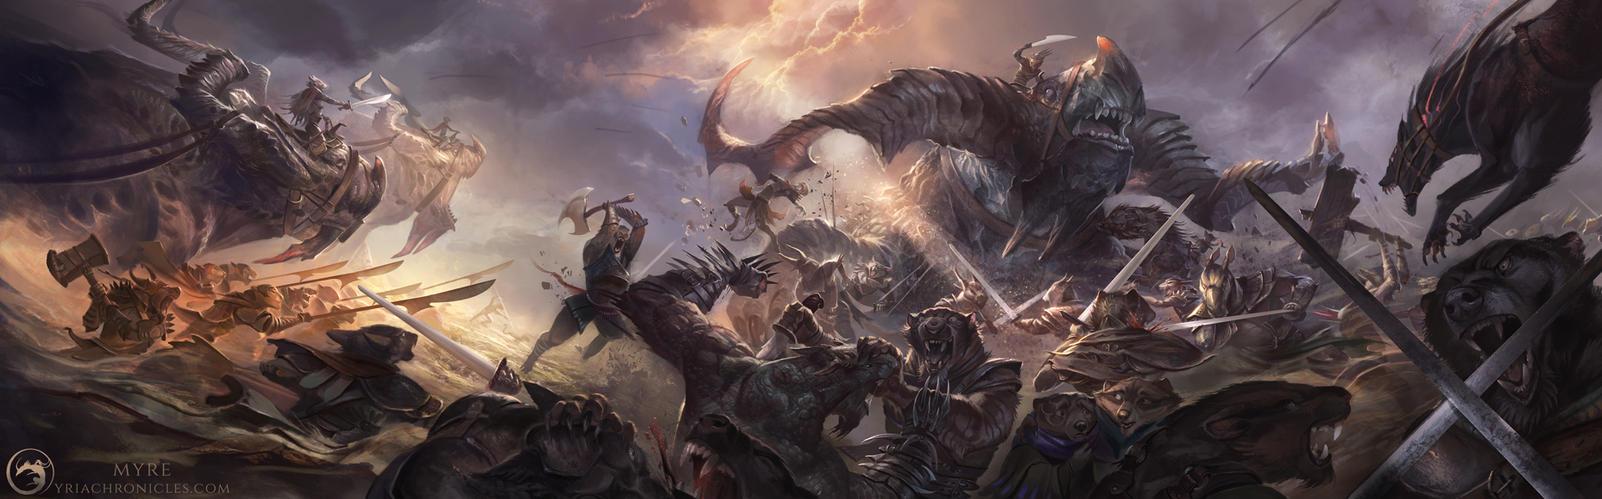 Myre - War by AlectorFencer